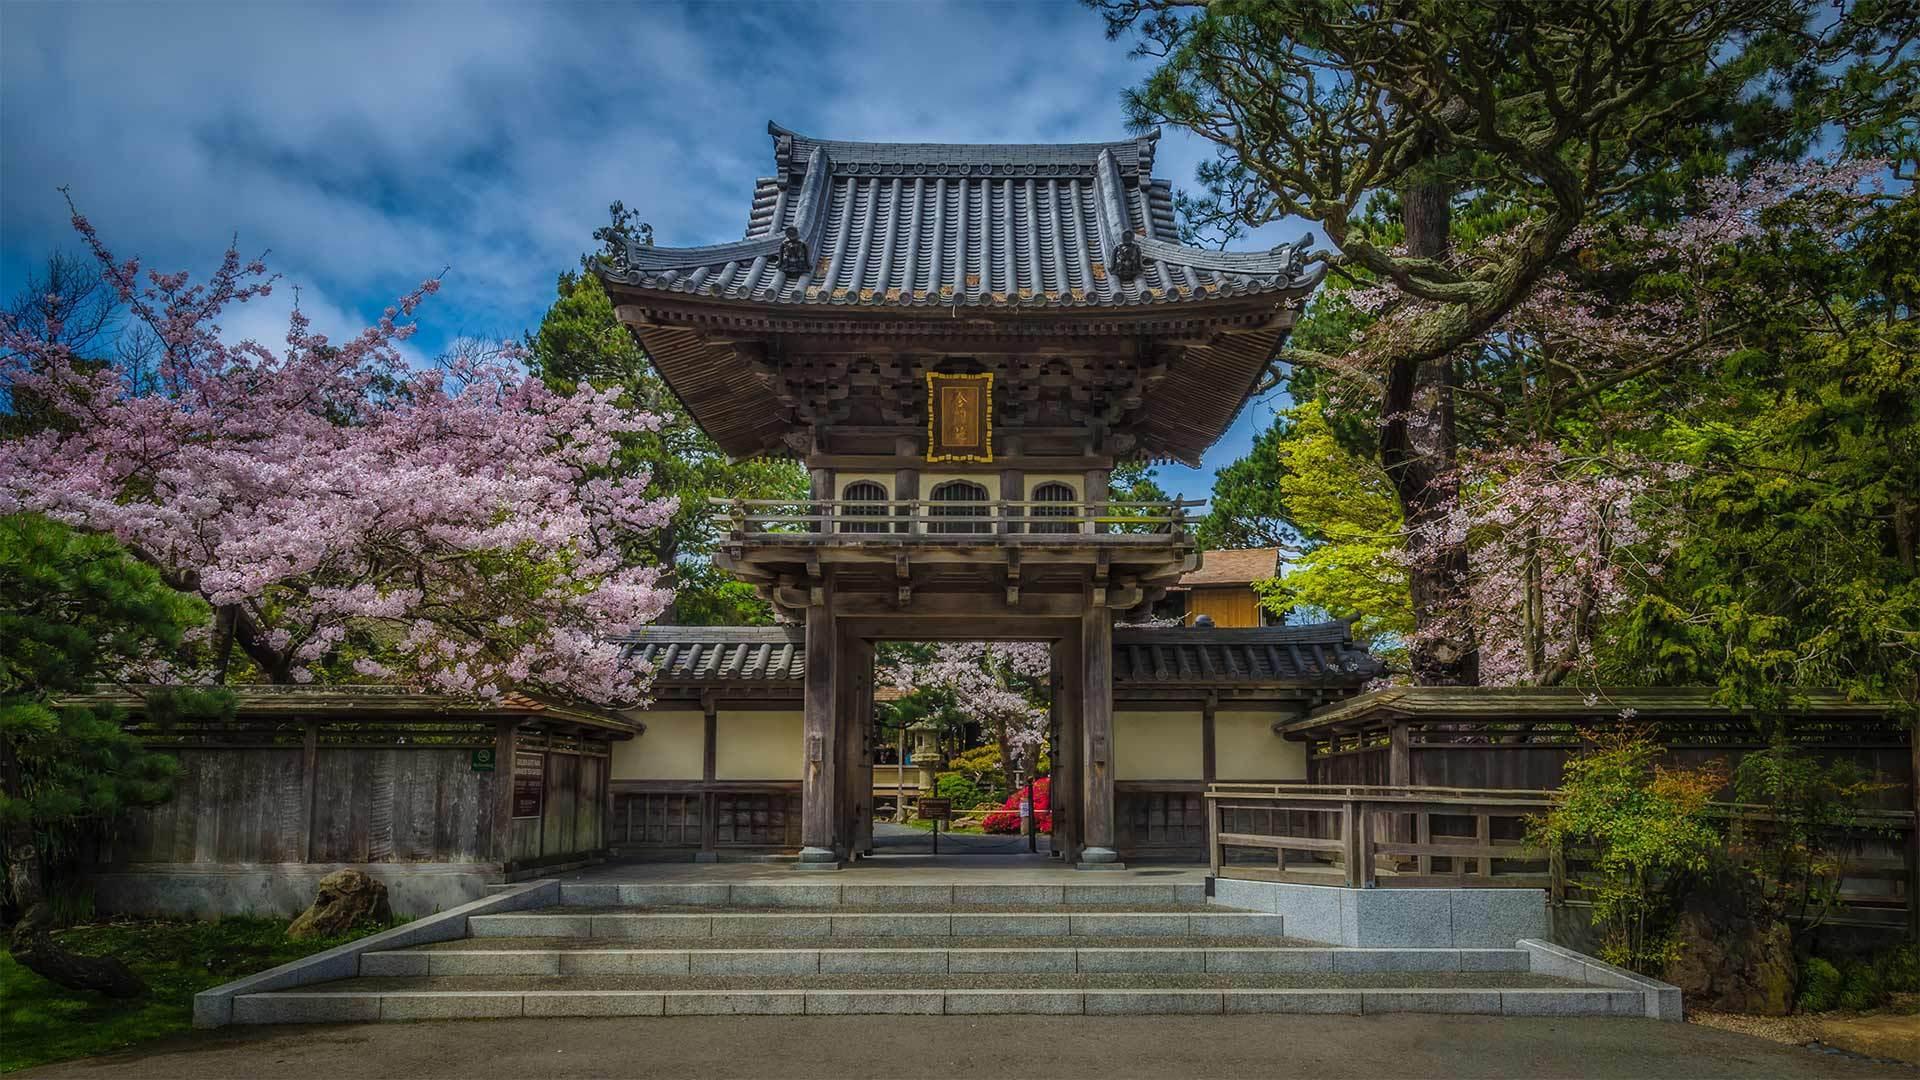 金门公园中日本茶园里盛开的樱花金门公园